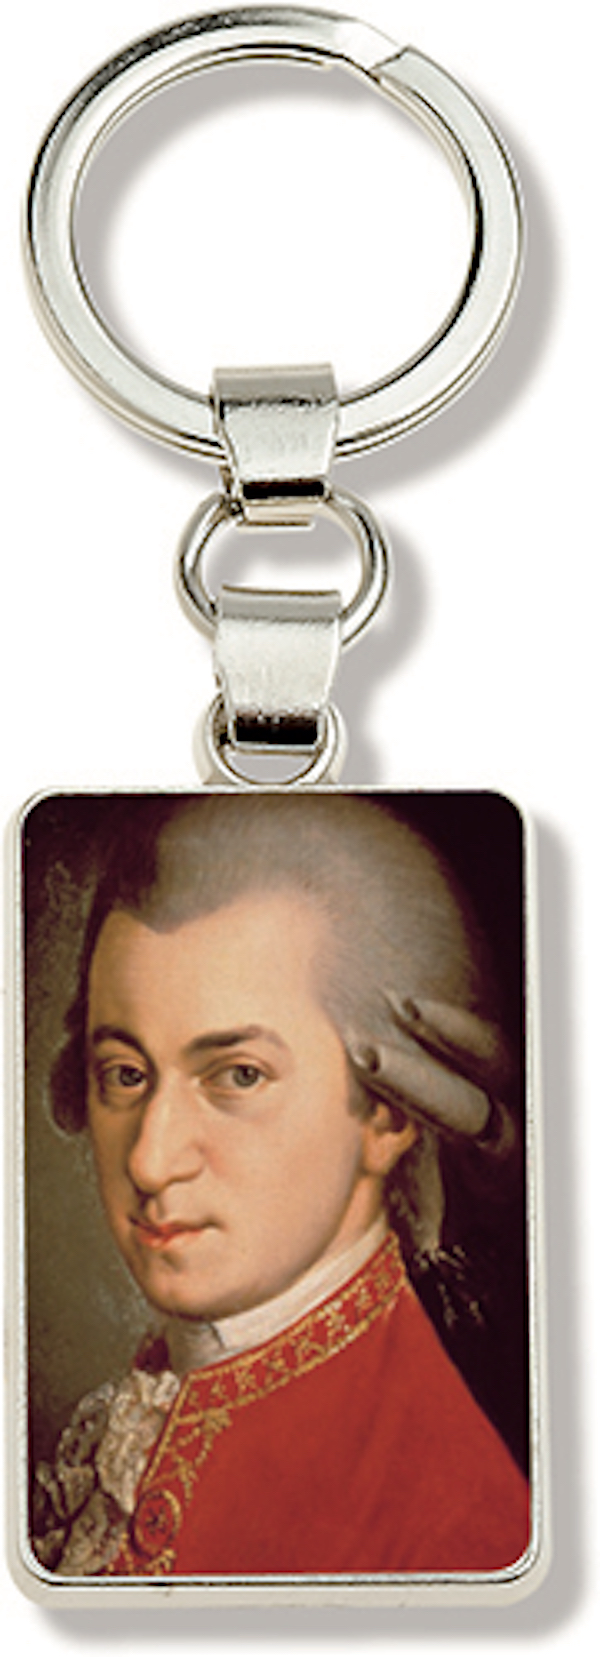 Schlüsselanhänger Mozart Portrait